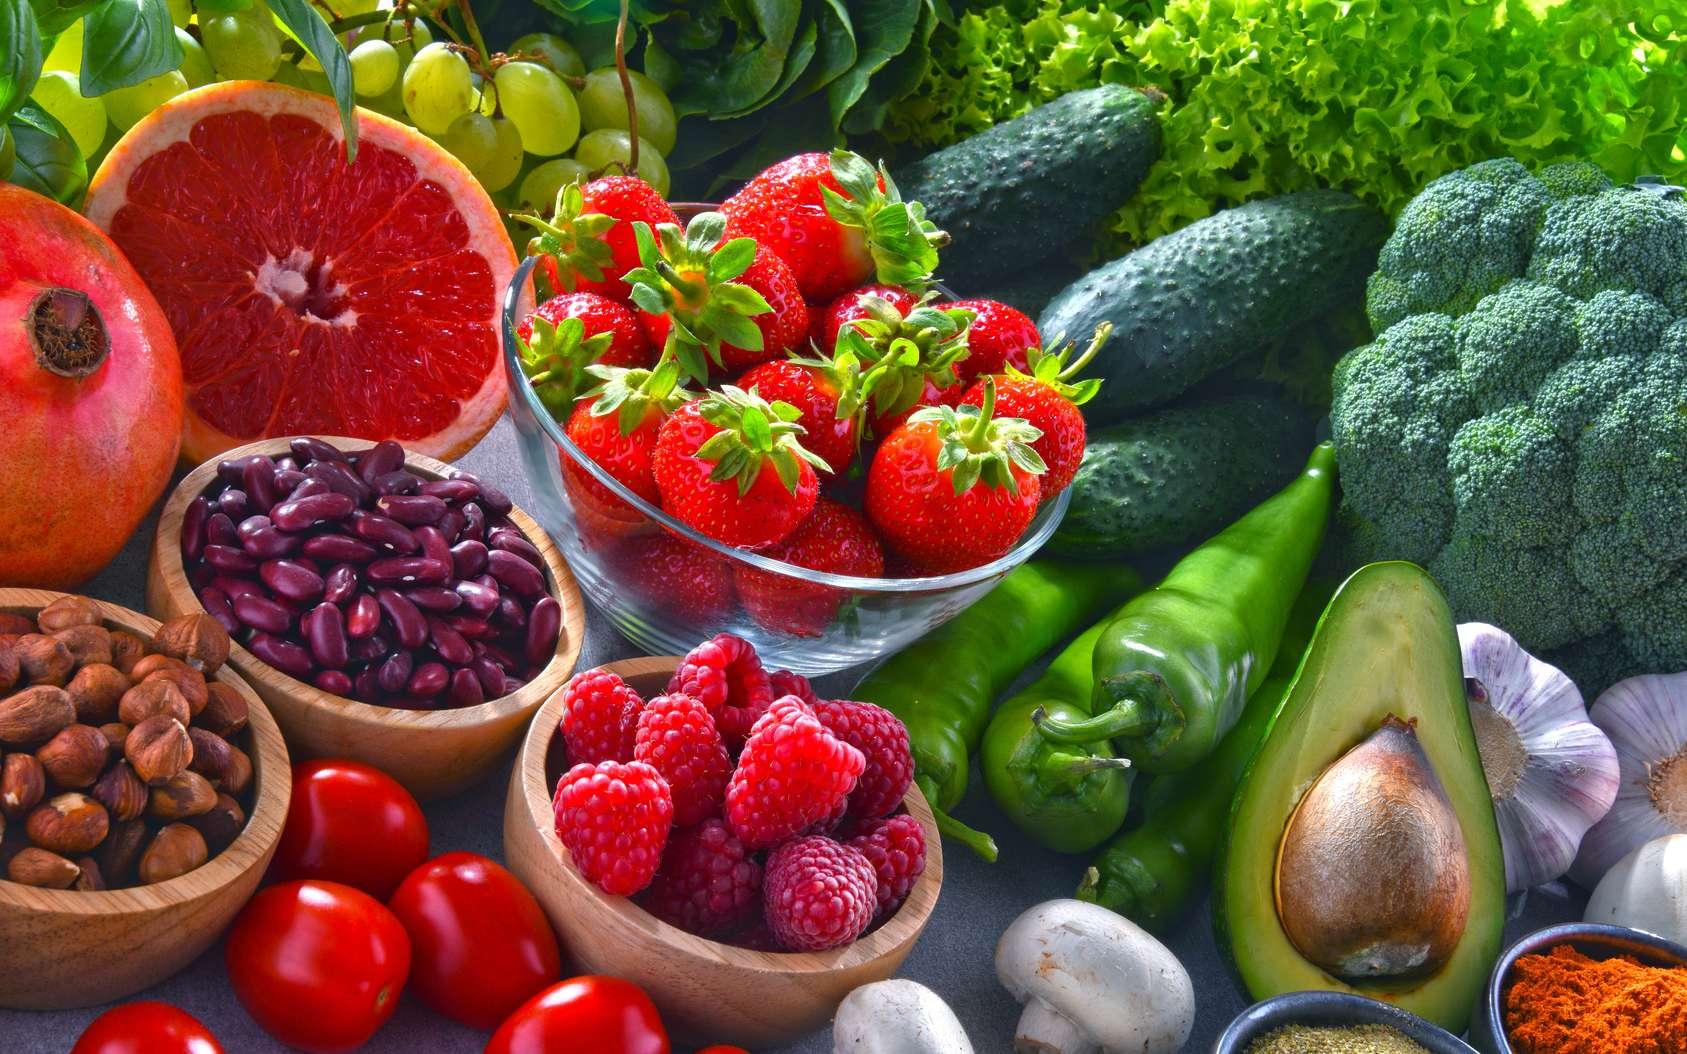 Fruits, légumes et curcuma... des aliments qui peuvent aider contre les inflammations. © Monticellllo, Fotolia